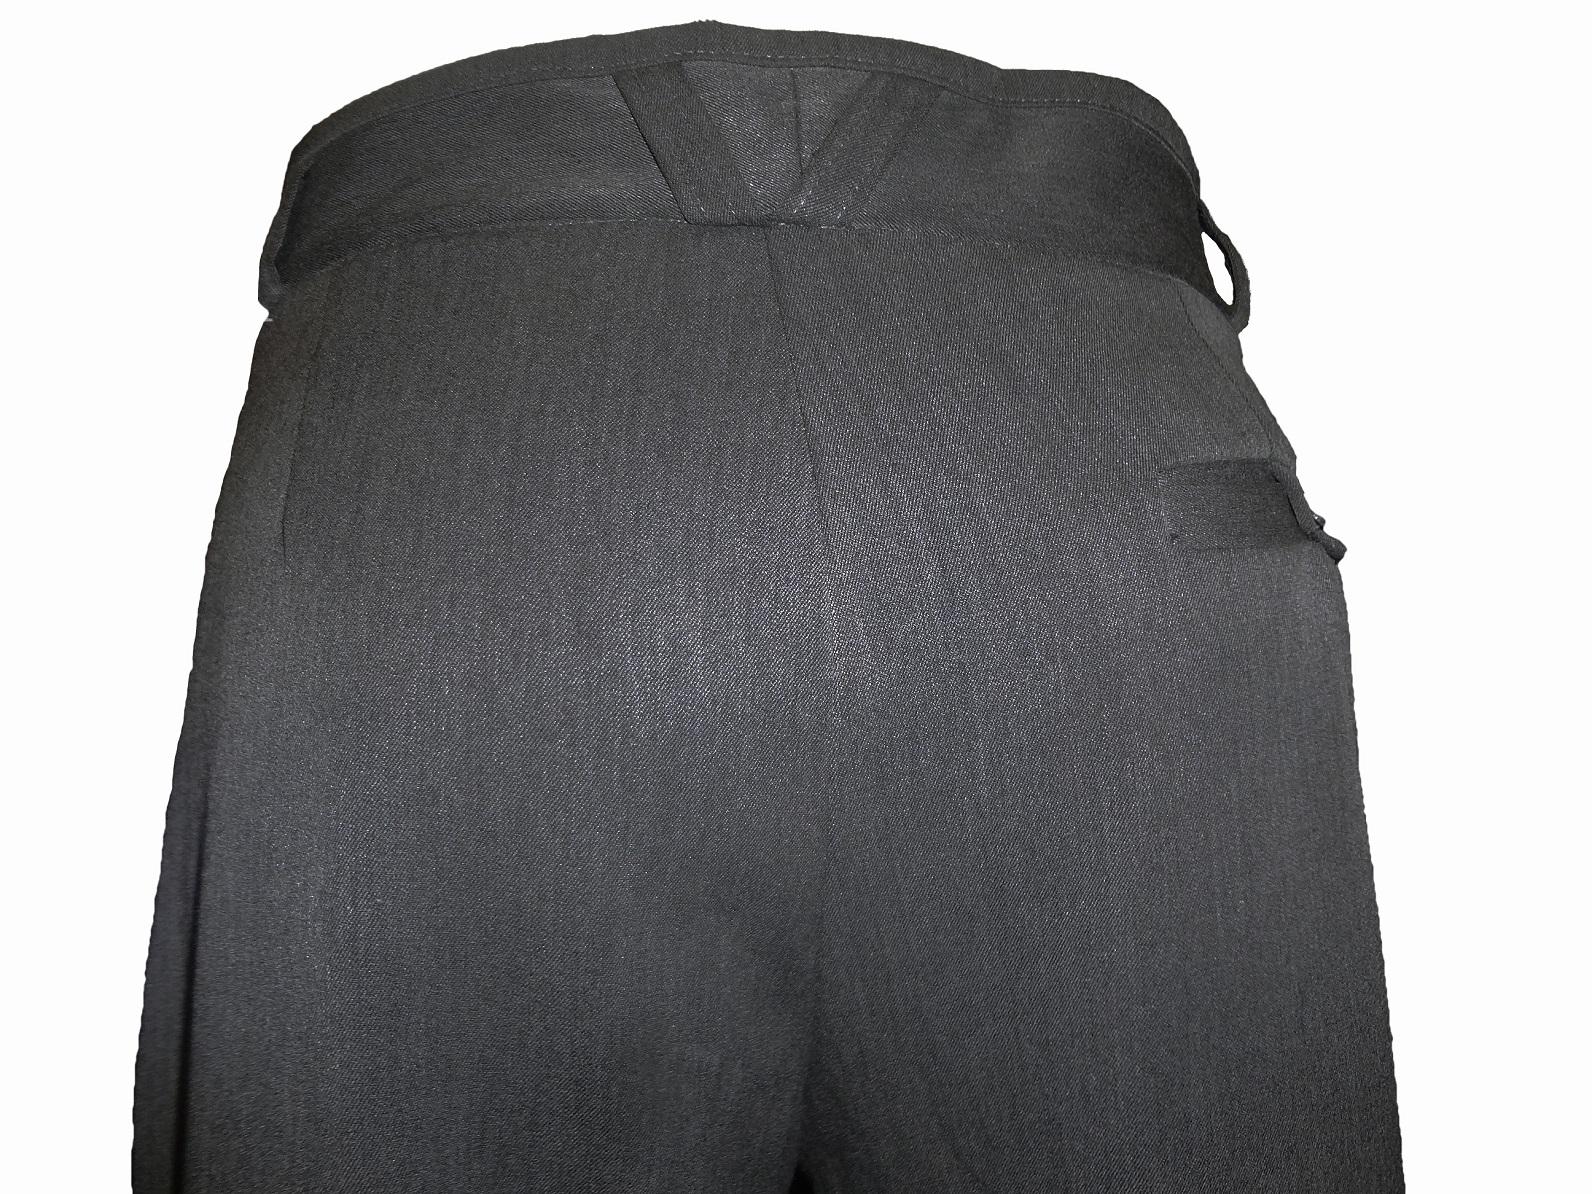 pantalon_gris_habille_pour_homme.jpg